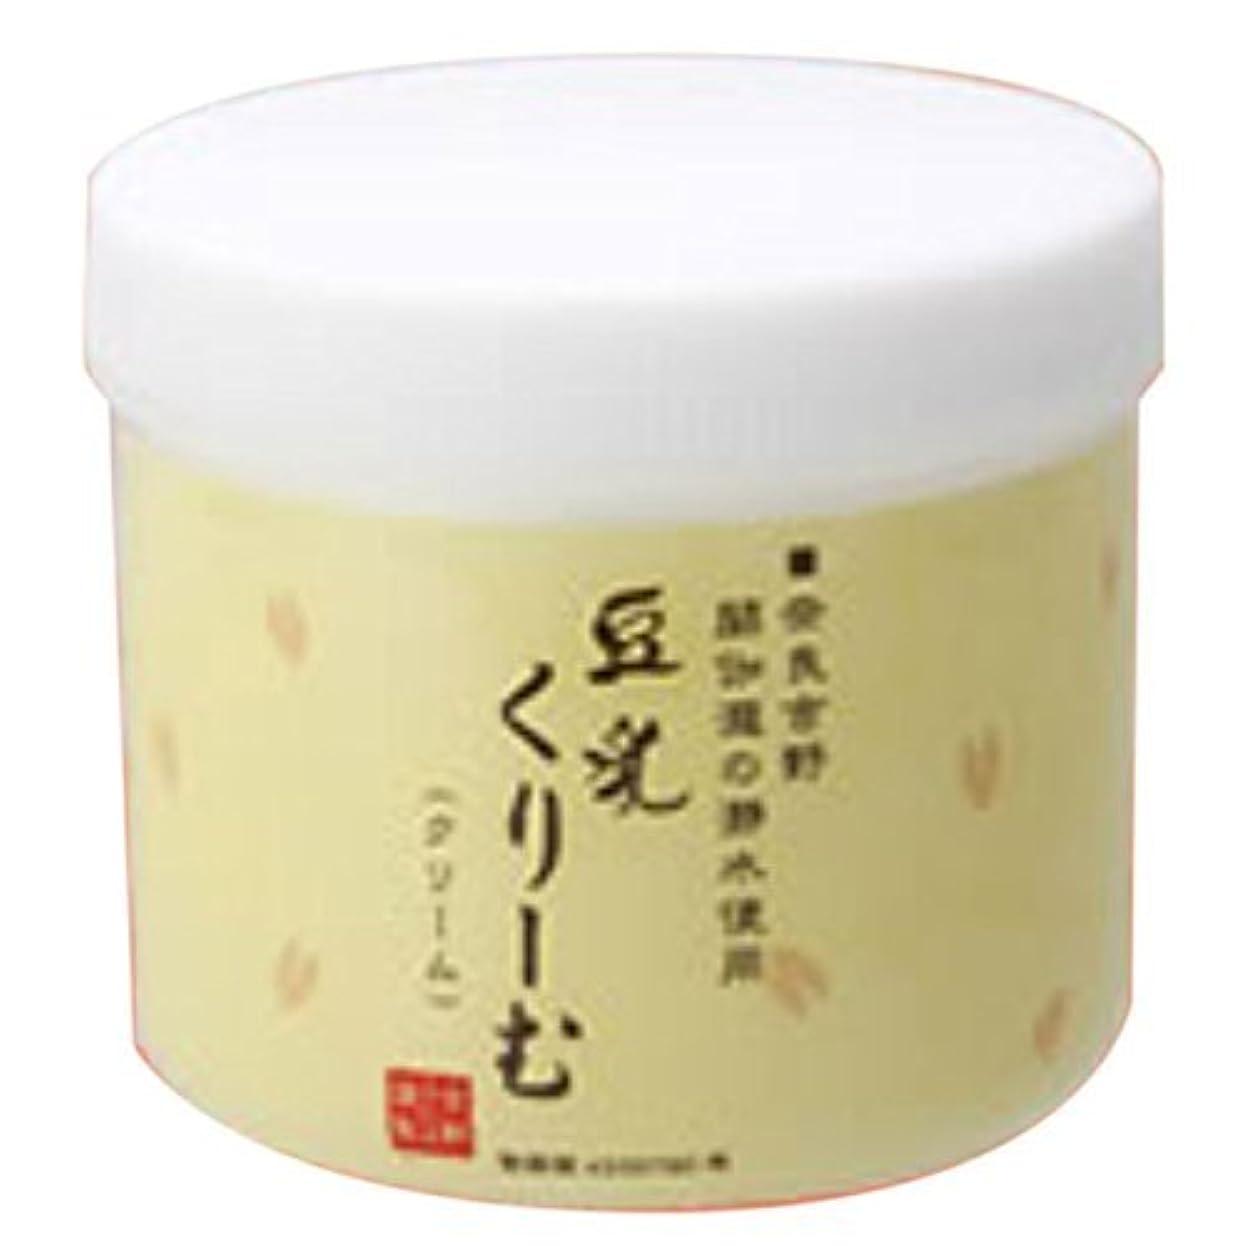 技術的な効果人吉野ふじや謹製 とうにゅうくりーむ (豆乳美容クリーム)